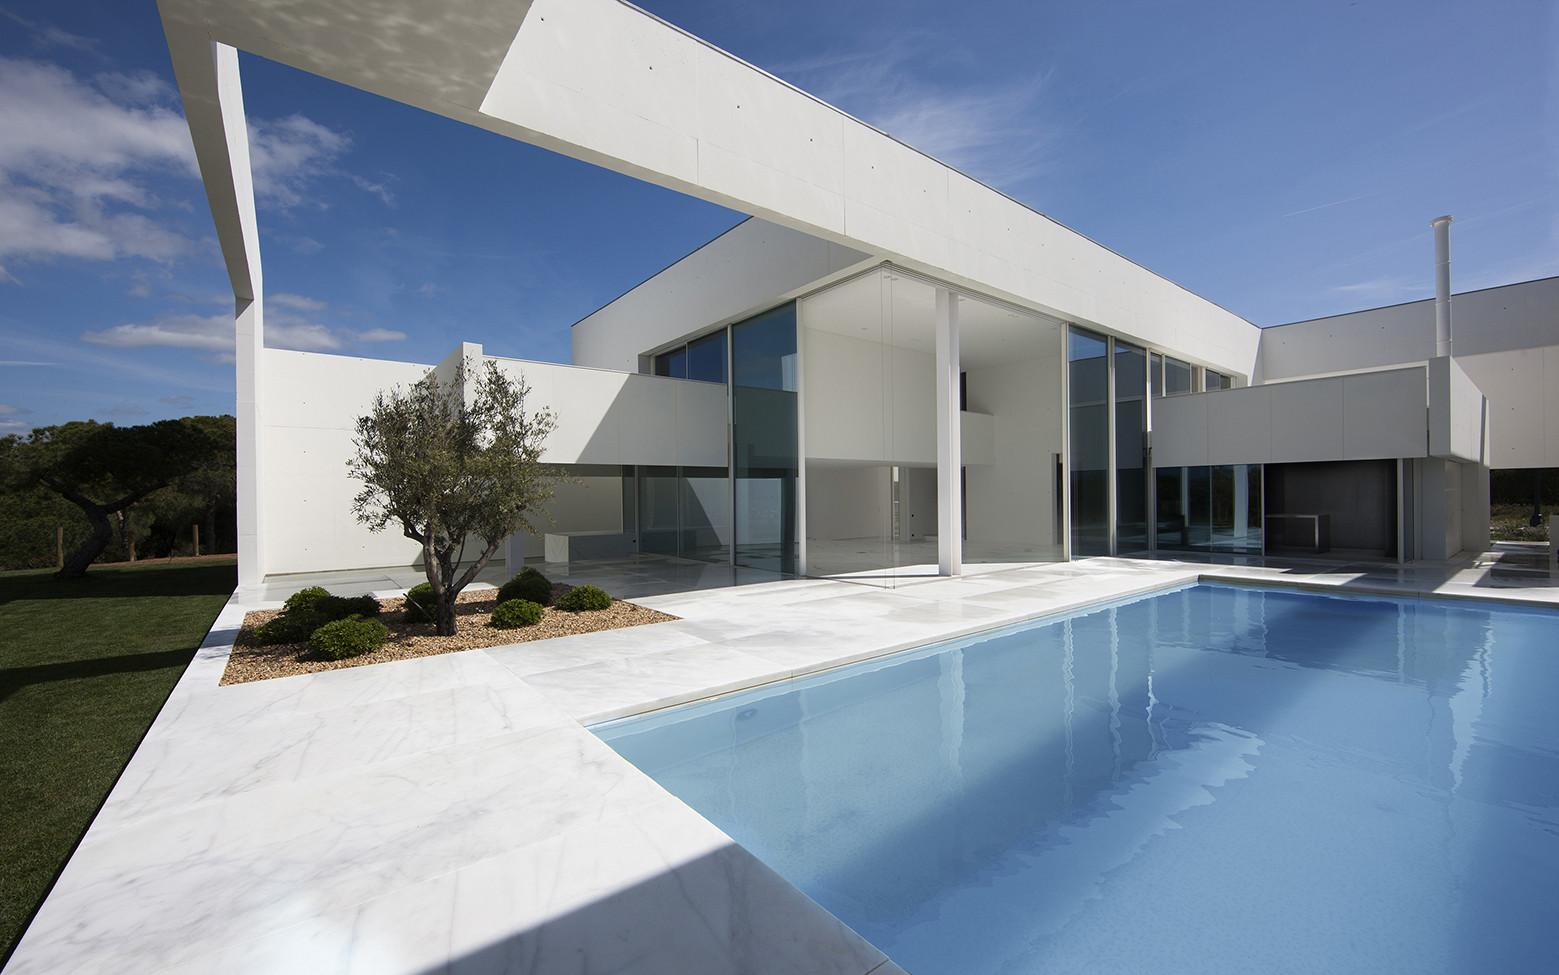 Casa na quinta do lago topos atelier de arquitectura for Fachadas de casas quintas modernas